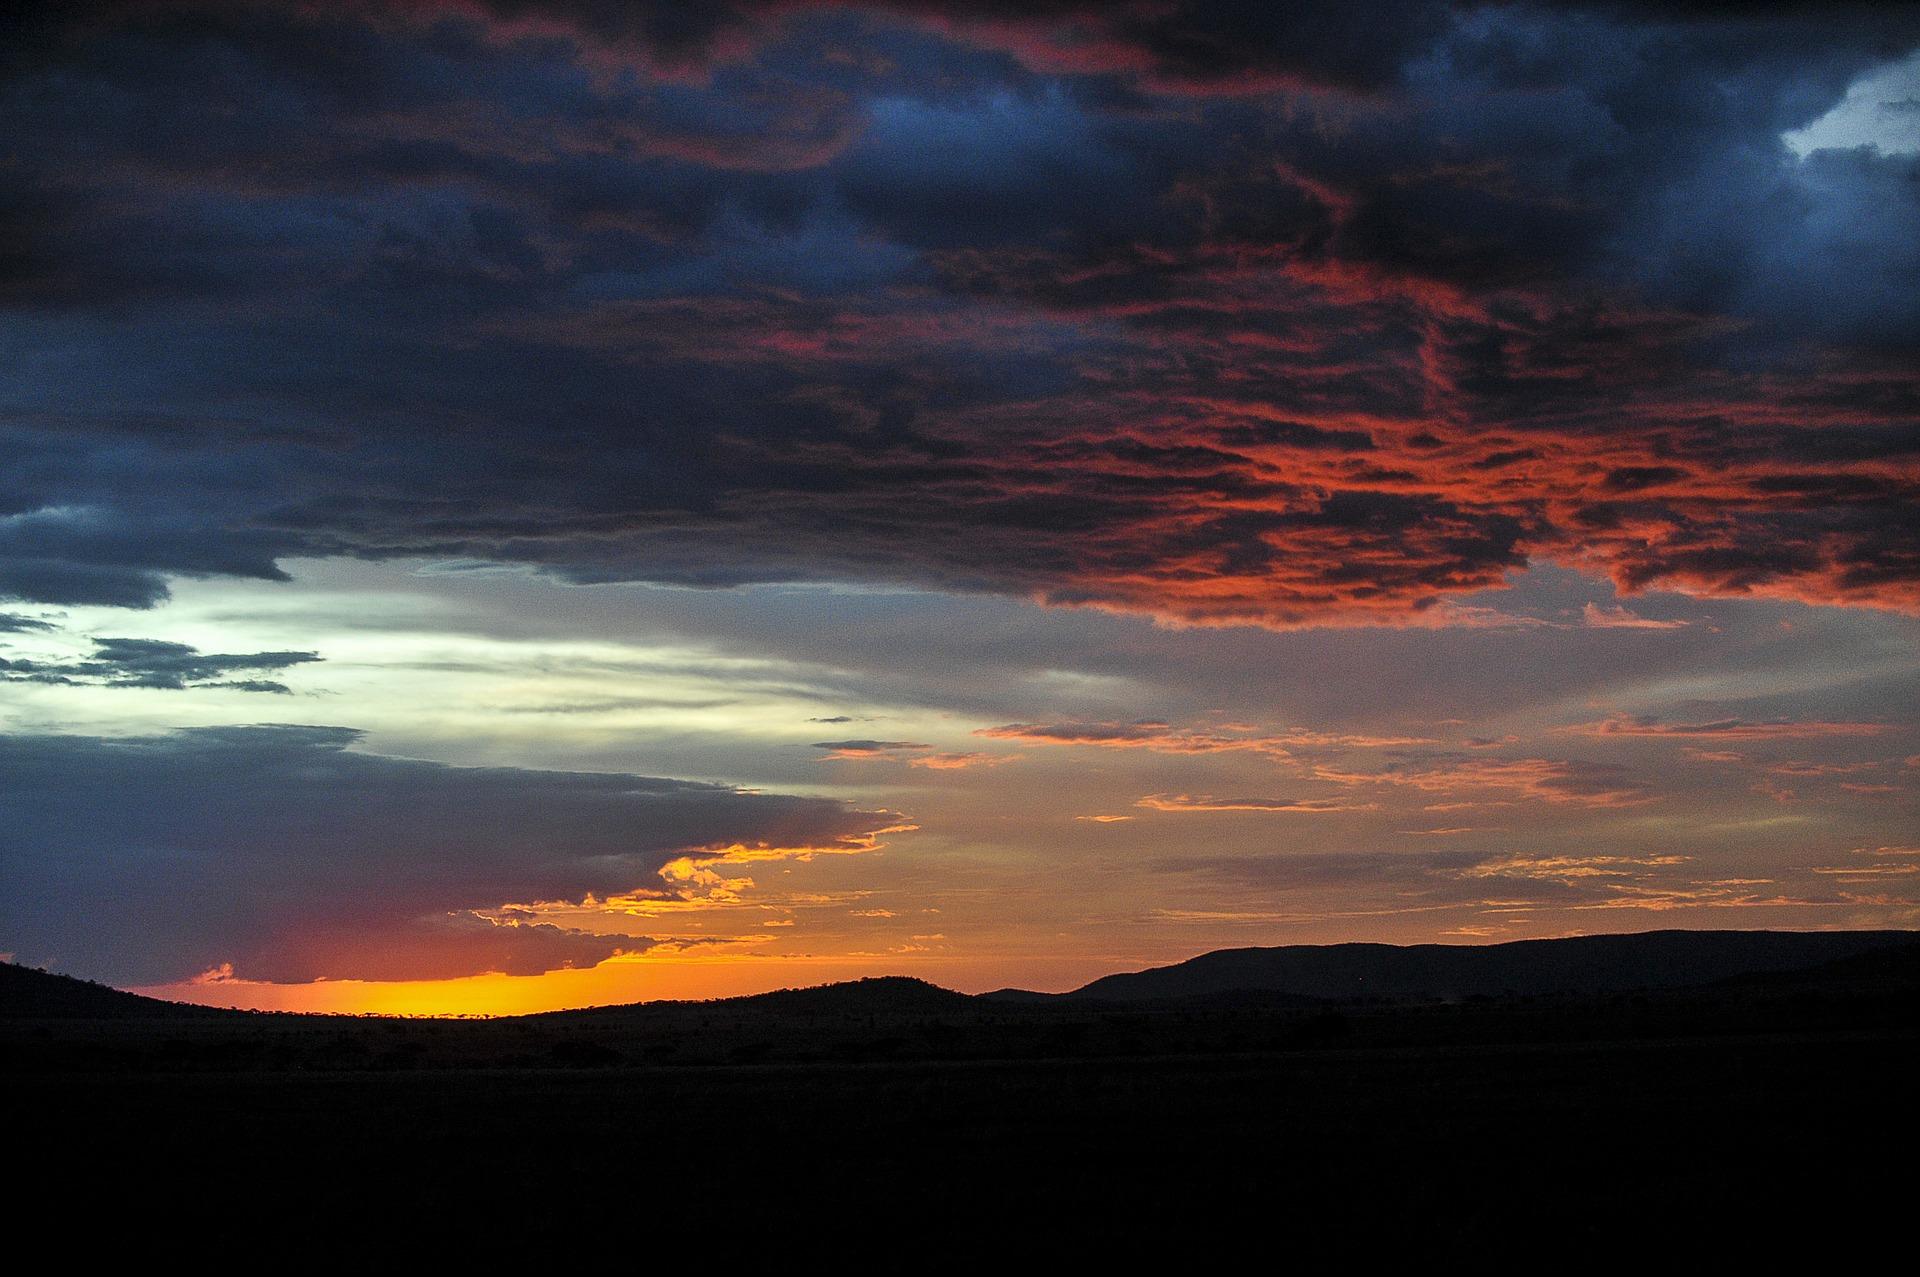 serengeti-sunset-591921_1920